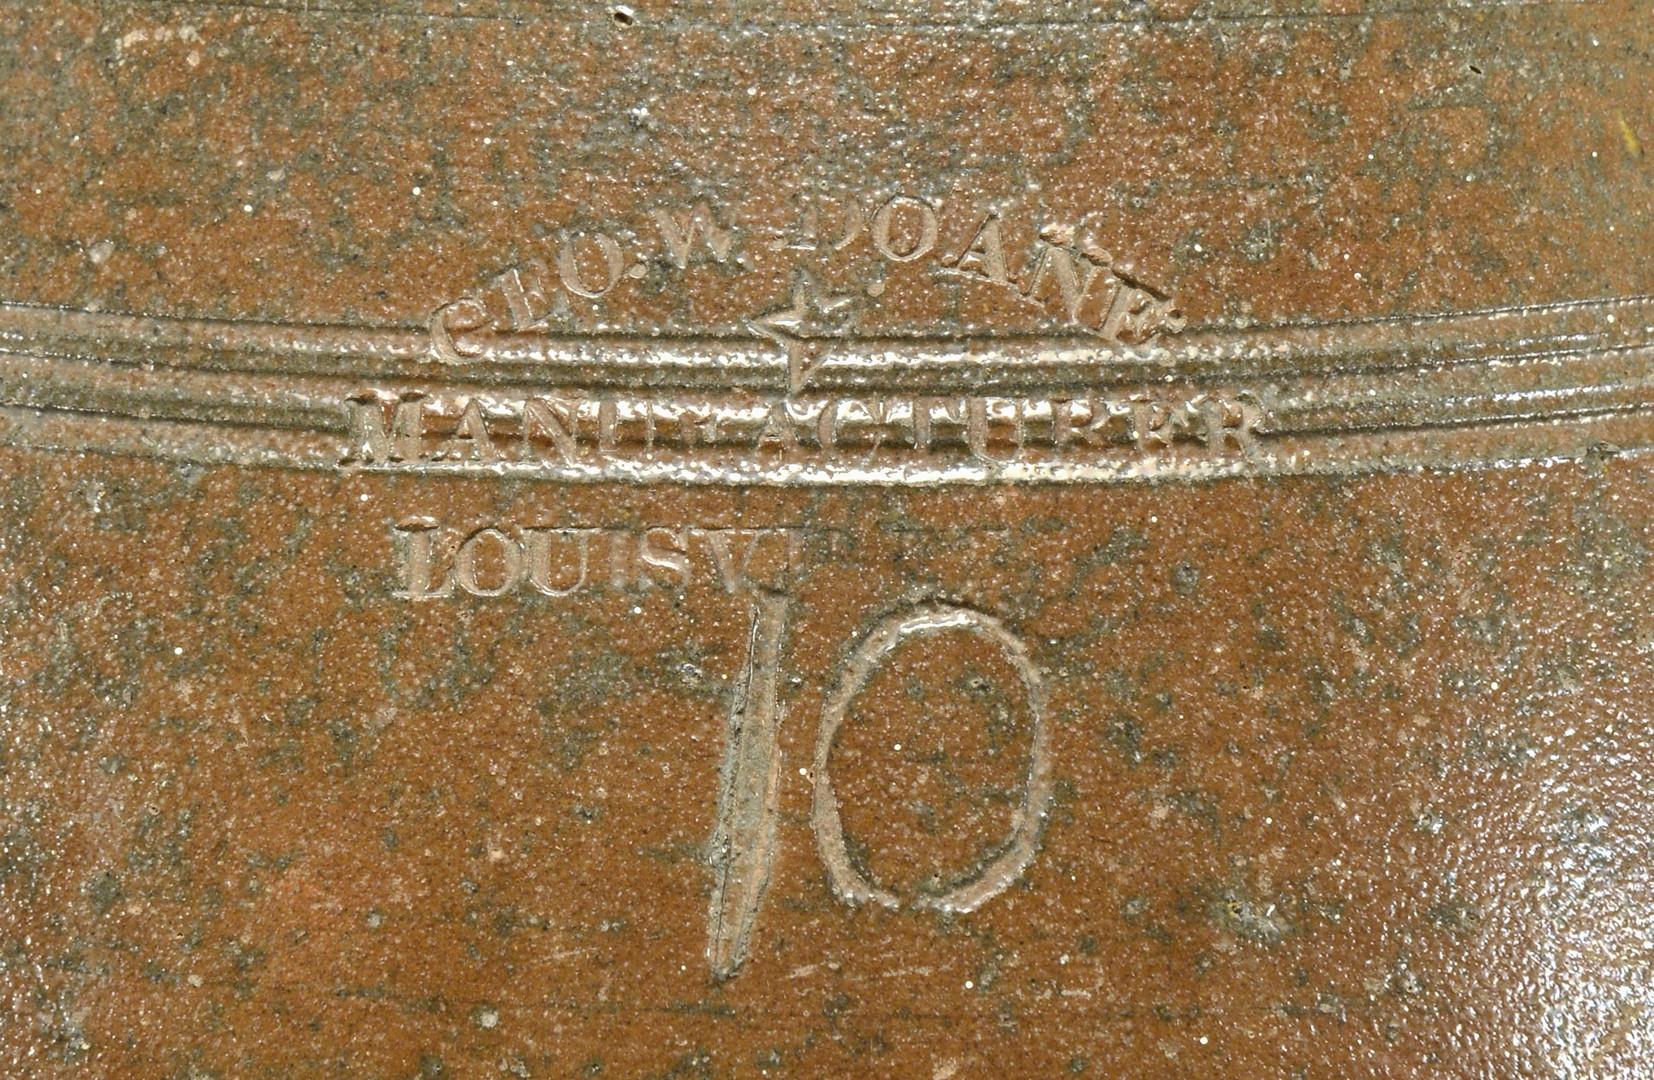 Lot 154: KY 10 Gal. Pottery Jar, George W. Doane